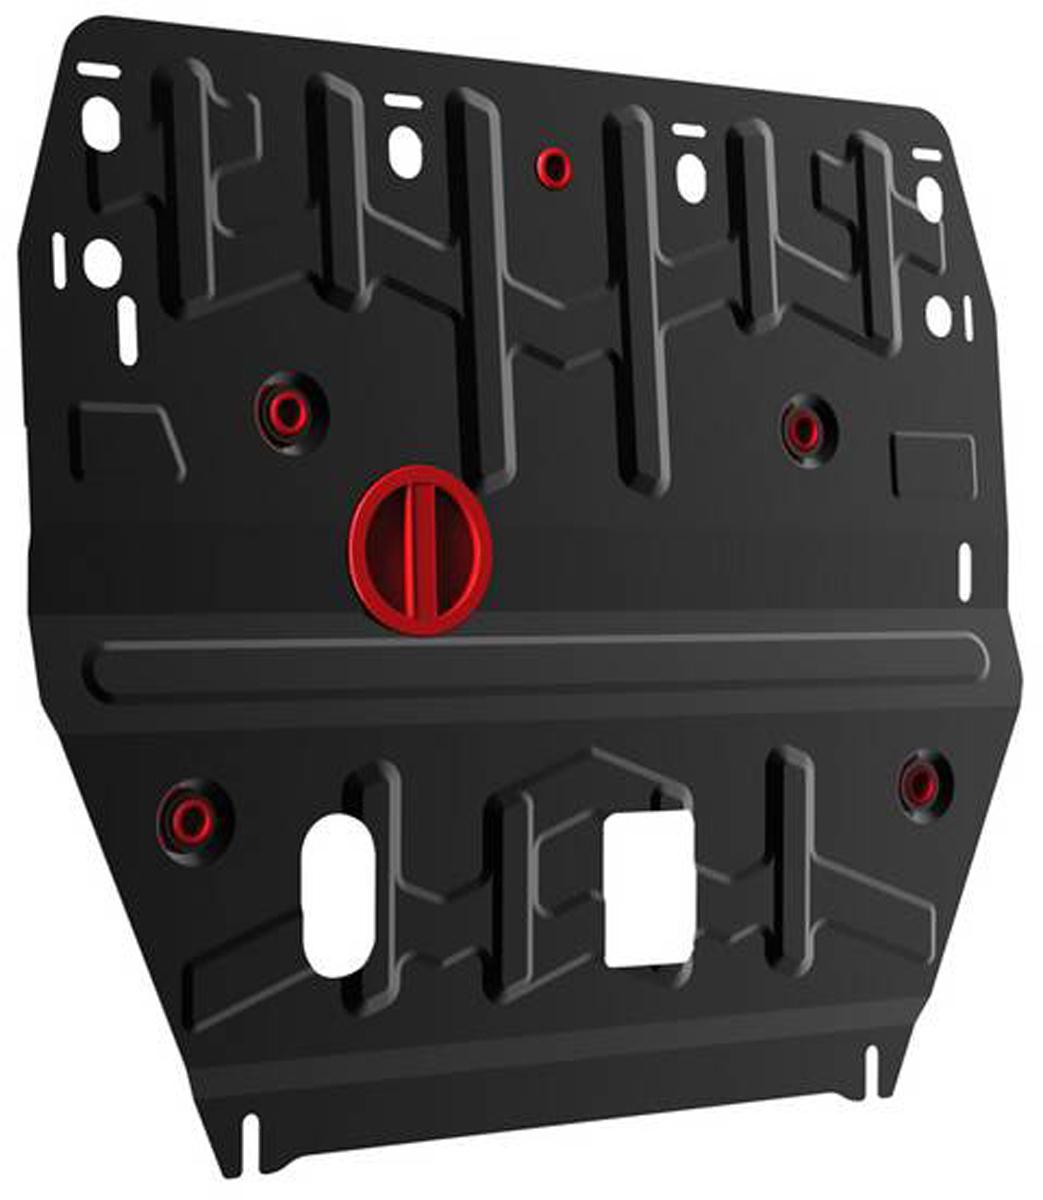 Защита картера и КПП Автоброня Hyundai i40 2012-2015, 2015-, сталь 2 мм111.02342.1Защита картера и КПП Автоброня Hyundai i40, V - 2,0 2012-2015, 2015-, сталь 2 мм, комплект крепежа, 111.02342.1Стальные защиты Автоброня надежно защищают ваш автомобиль от повреждений при наезде на бордюры, выступающие канализационные люки, кромки поврежденного асфальта или при ремонте дорог, не говоря уже о загородных дорогах. - Имеют оптимальное соотношение цена-качество. - Спроектированы с учетом особенностей автомобиля, что делает установку удобной. - Защита устанавливается в штатные места кузова автомобиля. - Является надежной защитой для важных элементов на протяжении долгих лет. - Глубокий штамп дополнительно усиливает конструкцию защиты. - Подштамповка в местах крепления защищает крепеж от срезания. - Технологические отверстия там, где они необходимы для смены масла и слива воды, оборудованные заглушками, закрепленными на защите. Толщина стали 2 мм. В комплекте крепеж и инструкция по установке.